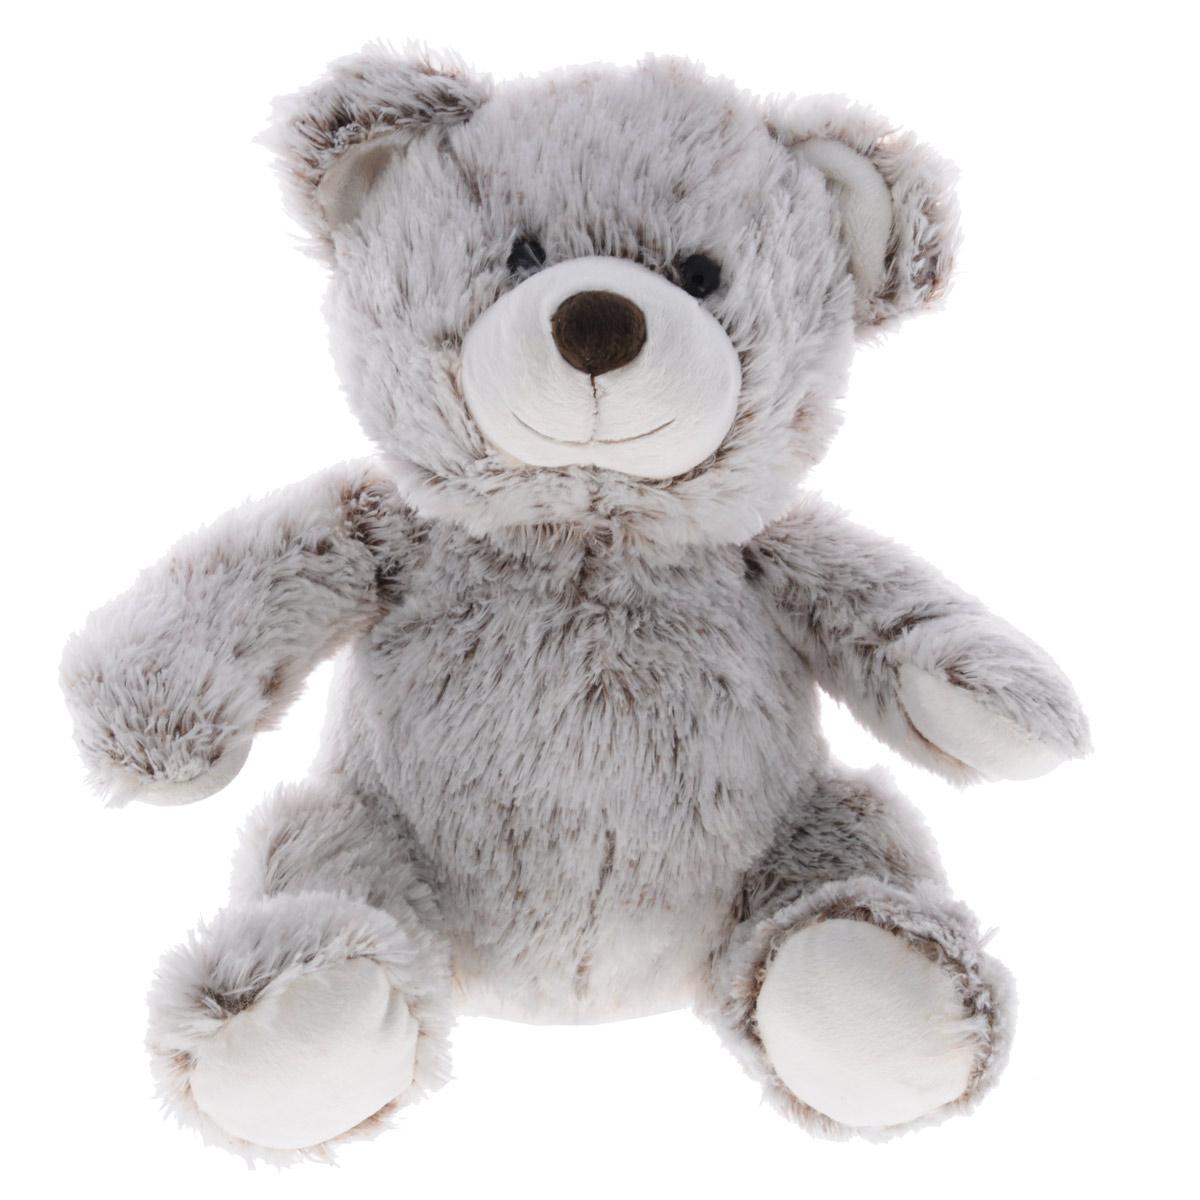 Мягкая игрушка Gulliver Медвежонок Тоша, 30 см14-72274Этот милый медвежонок станет настоящим другом вашему ребенку. Удивительно мягкая игрушка принесет радость и подарит своему обладателю мгновения нежных объятий и приятных воспоминаний. Великолепное качество исполнения делают эту игрушку чудесным подарком к любому празднику.